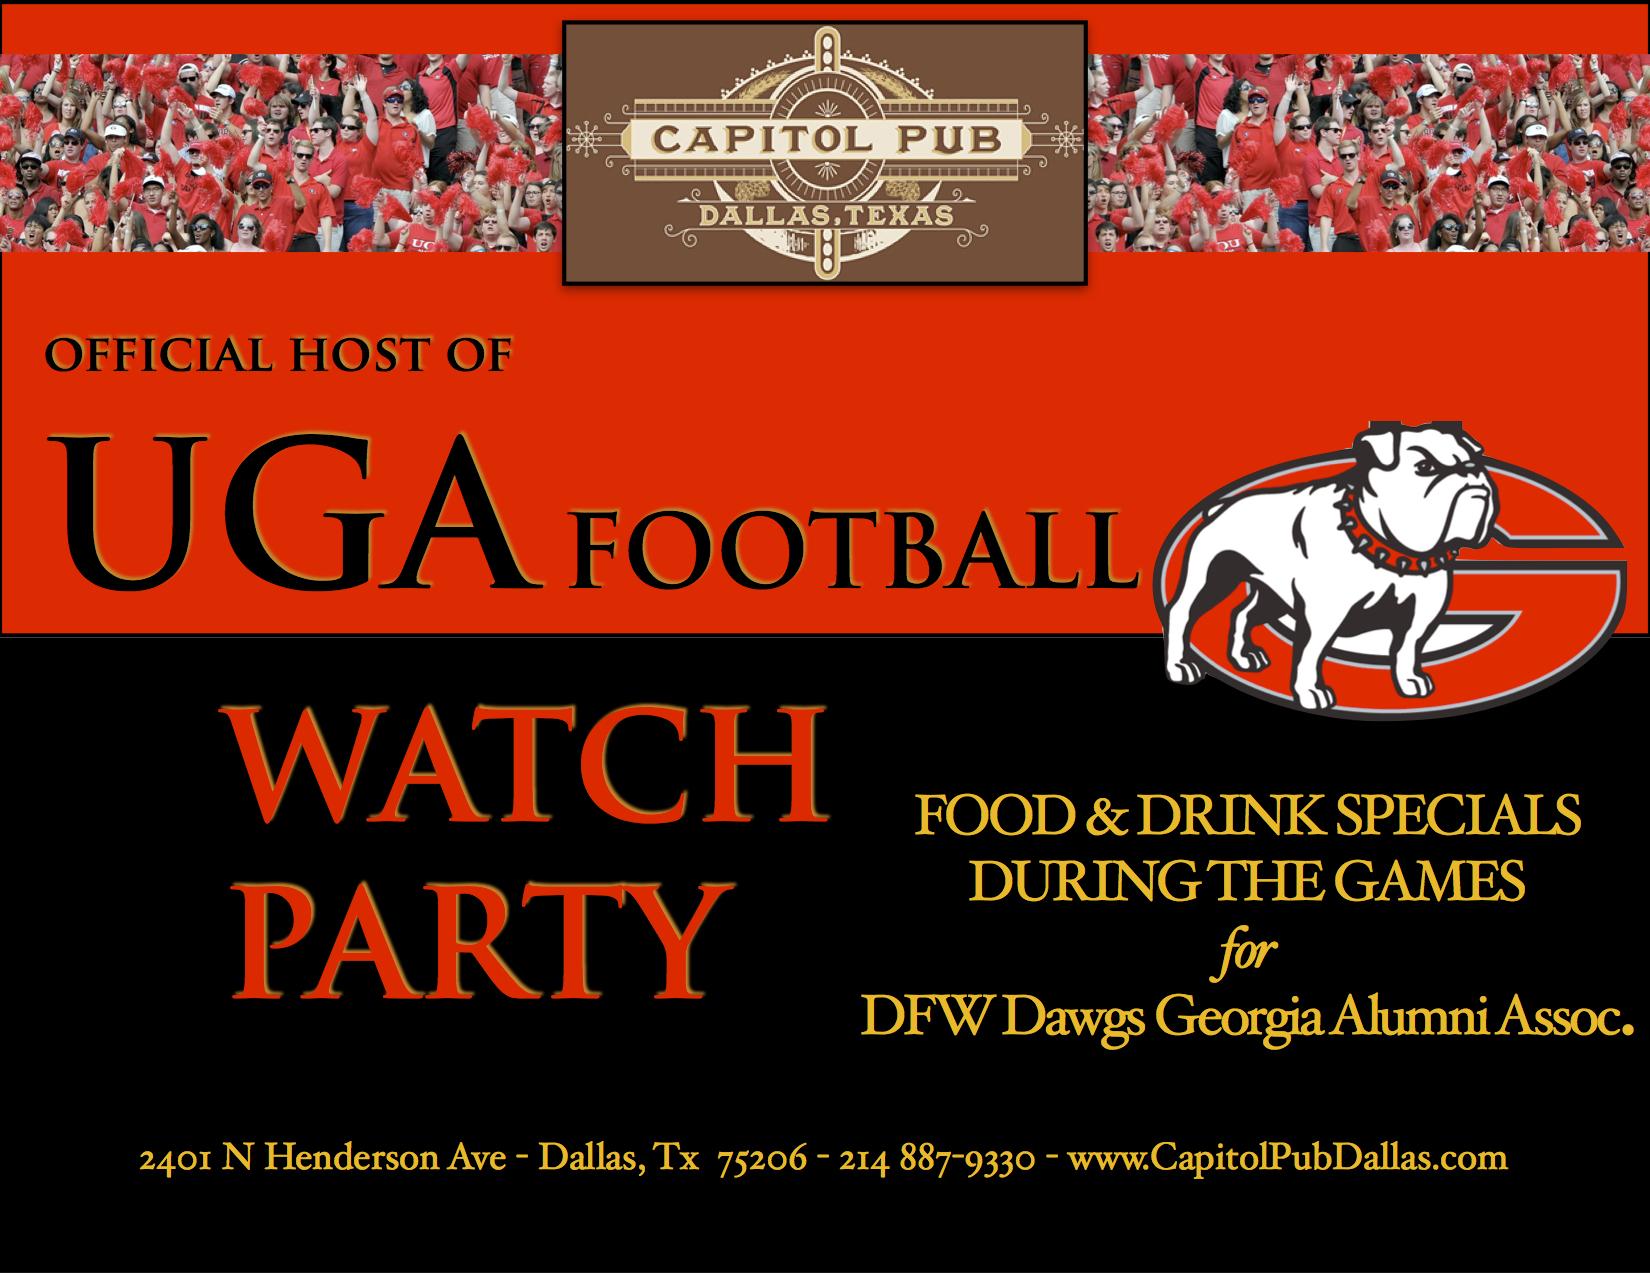 UGA Watching Party Poster.jpg